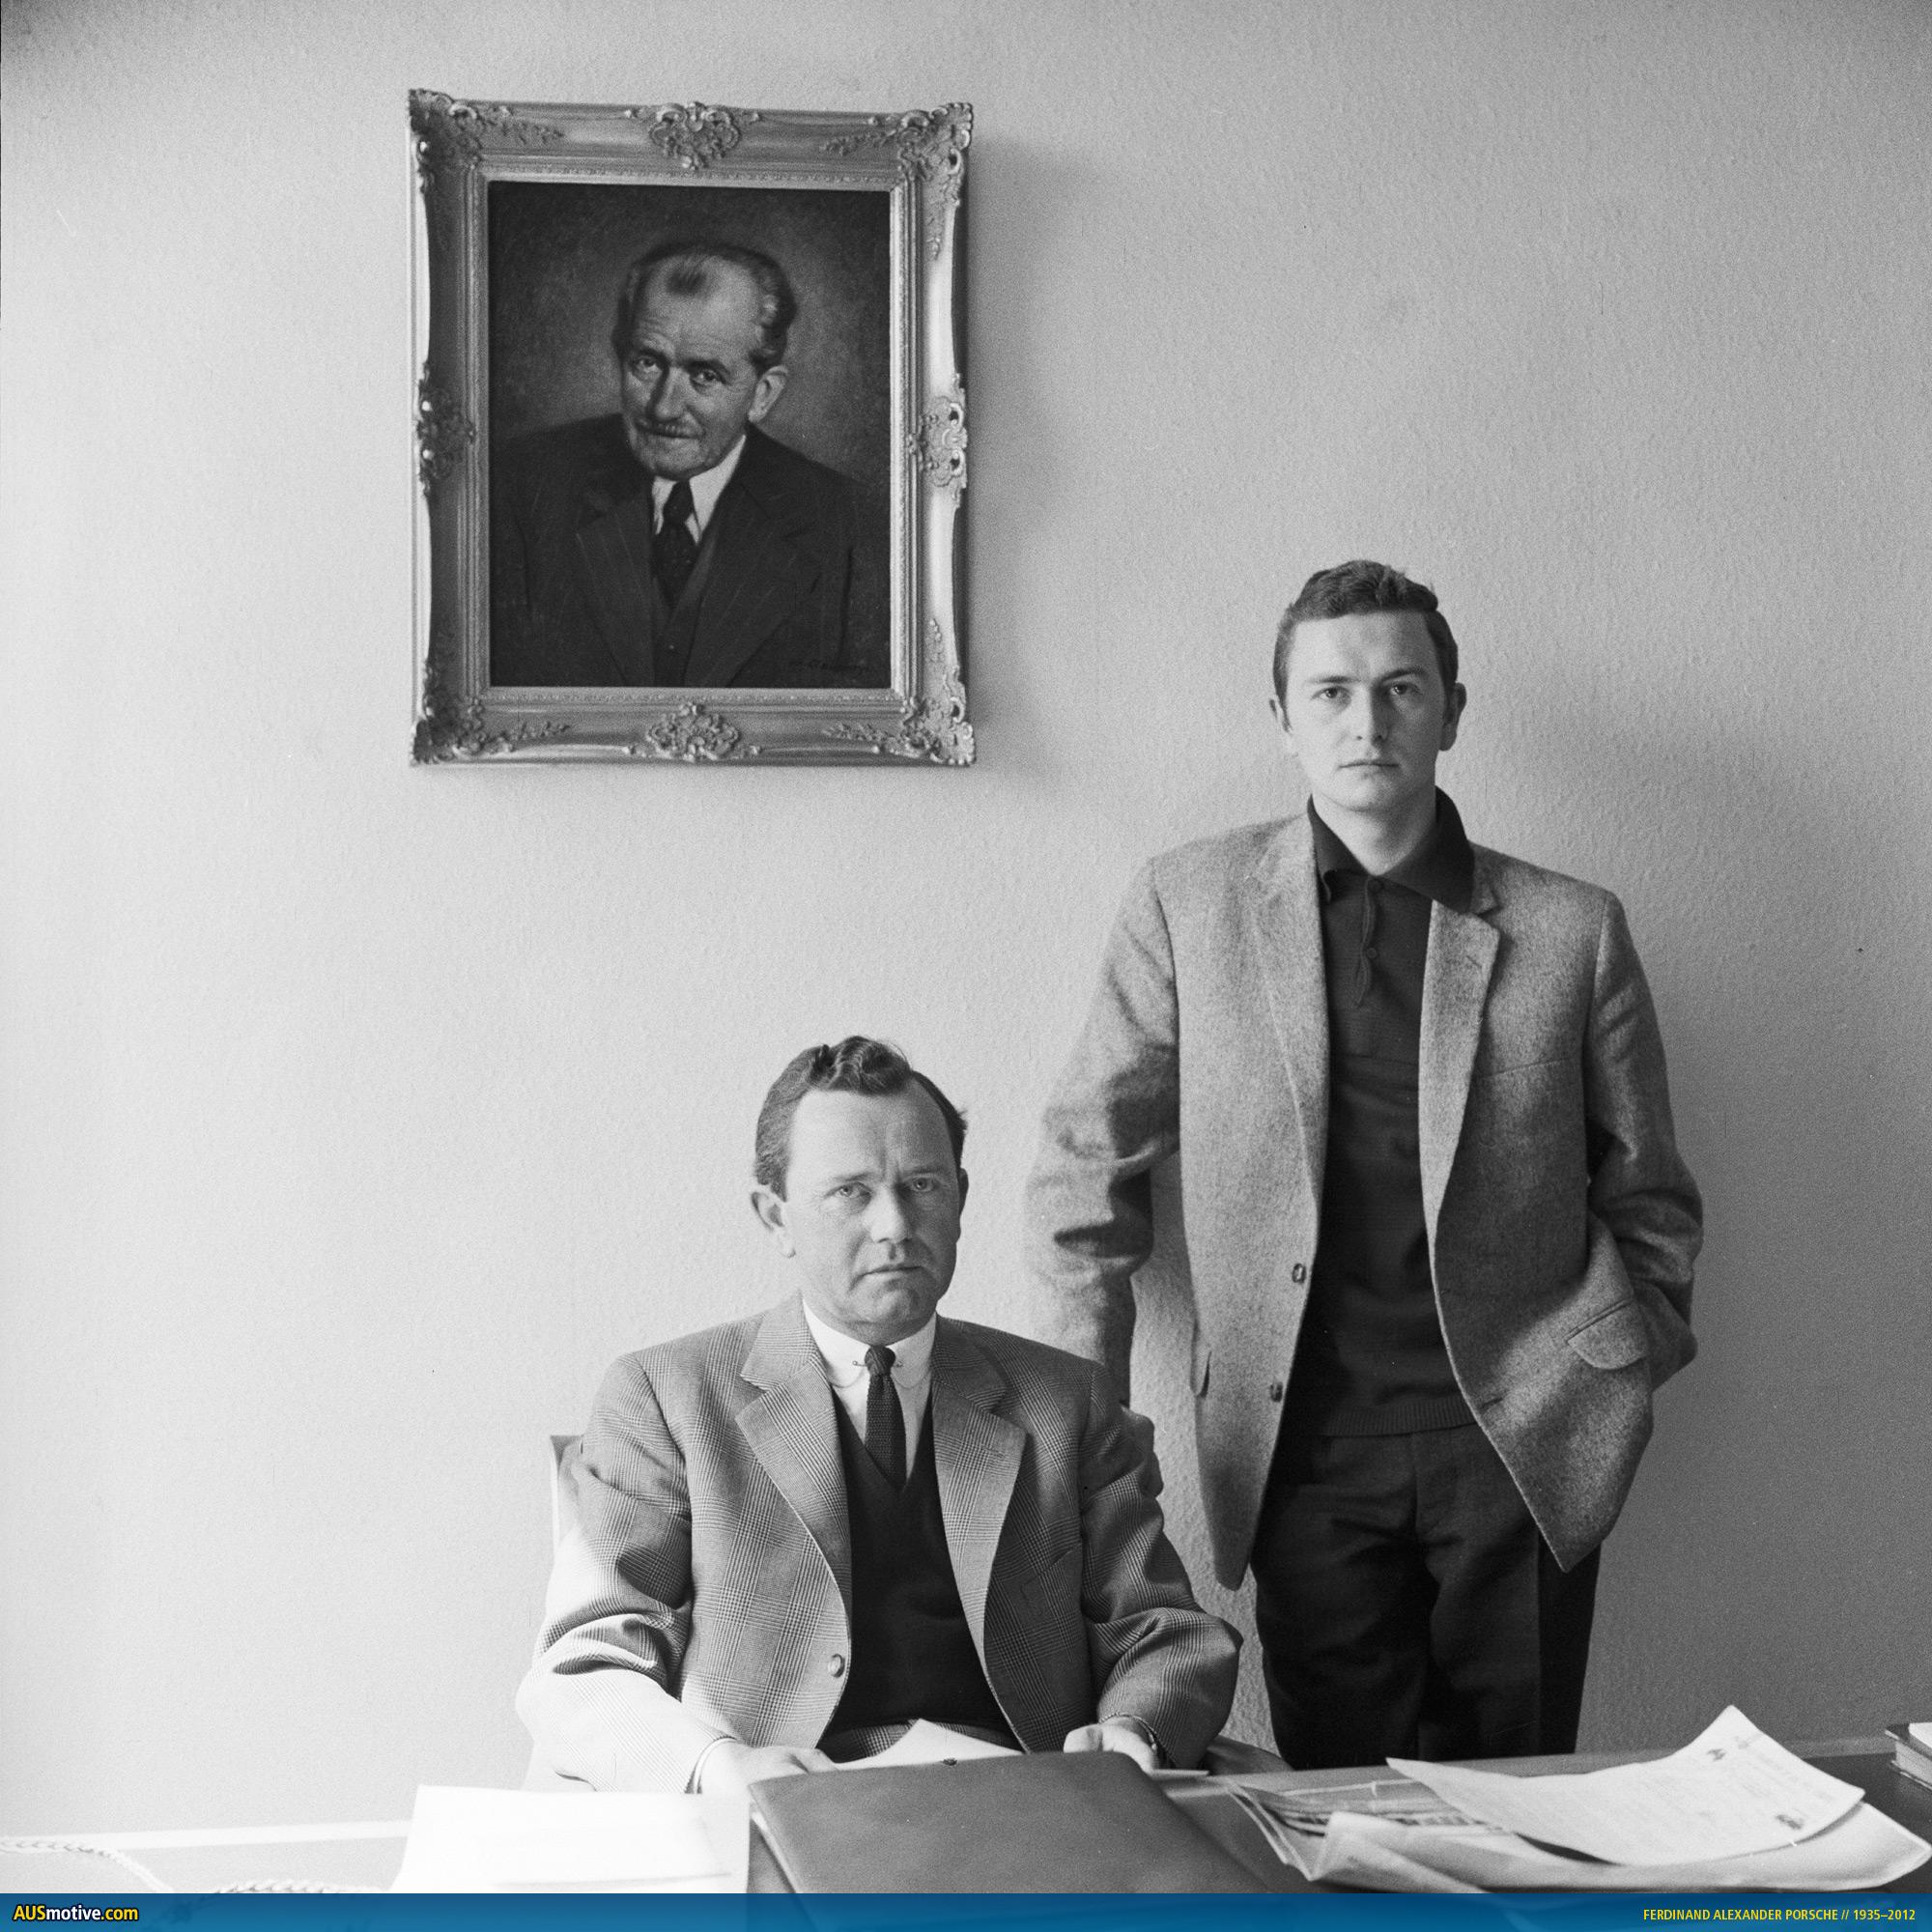 AUSmotive.com » Ferdinand Alexander Porsche 1935–2012 on exotic porsche, martini porsche, silver porsche, joe rogan porsche, best porsche, steve mcqueen's porsche,